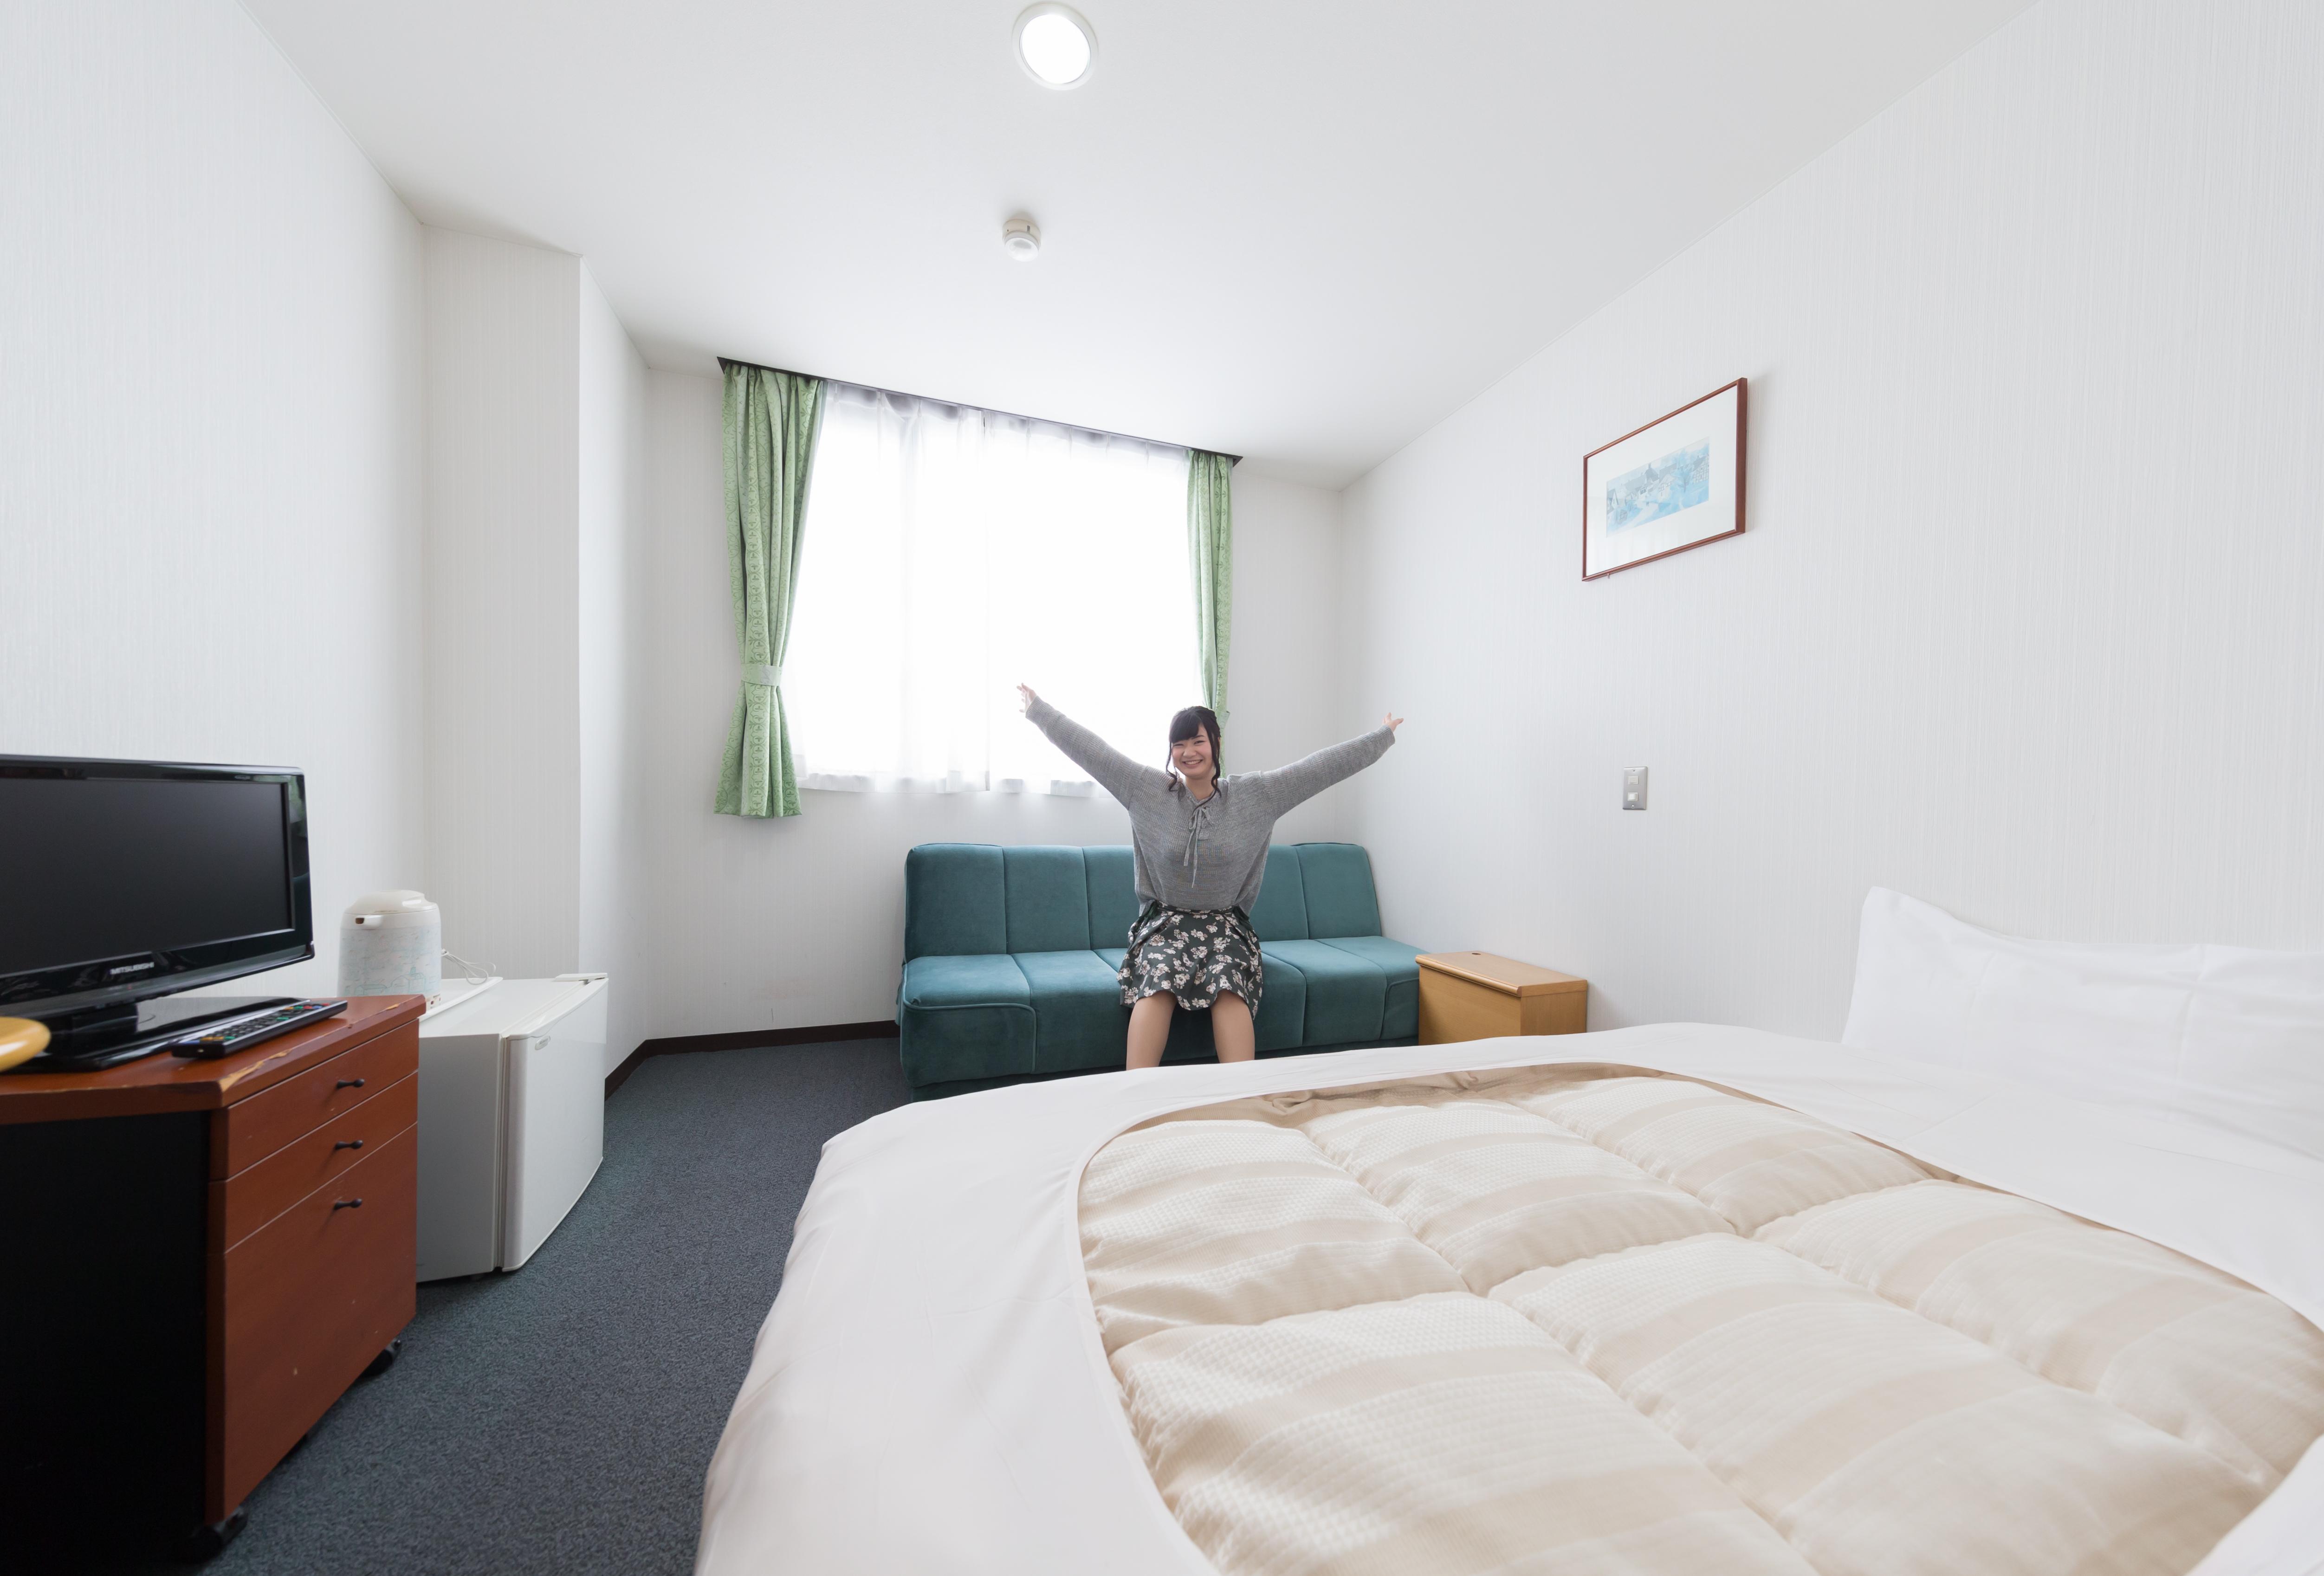 つばめ中央自動車学校の宿泊施設詳細